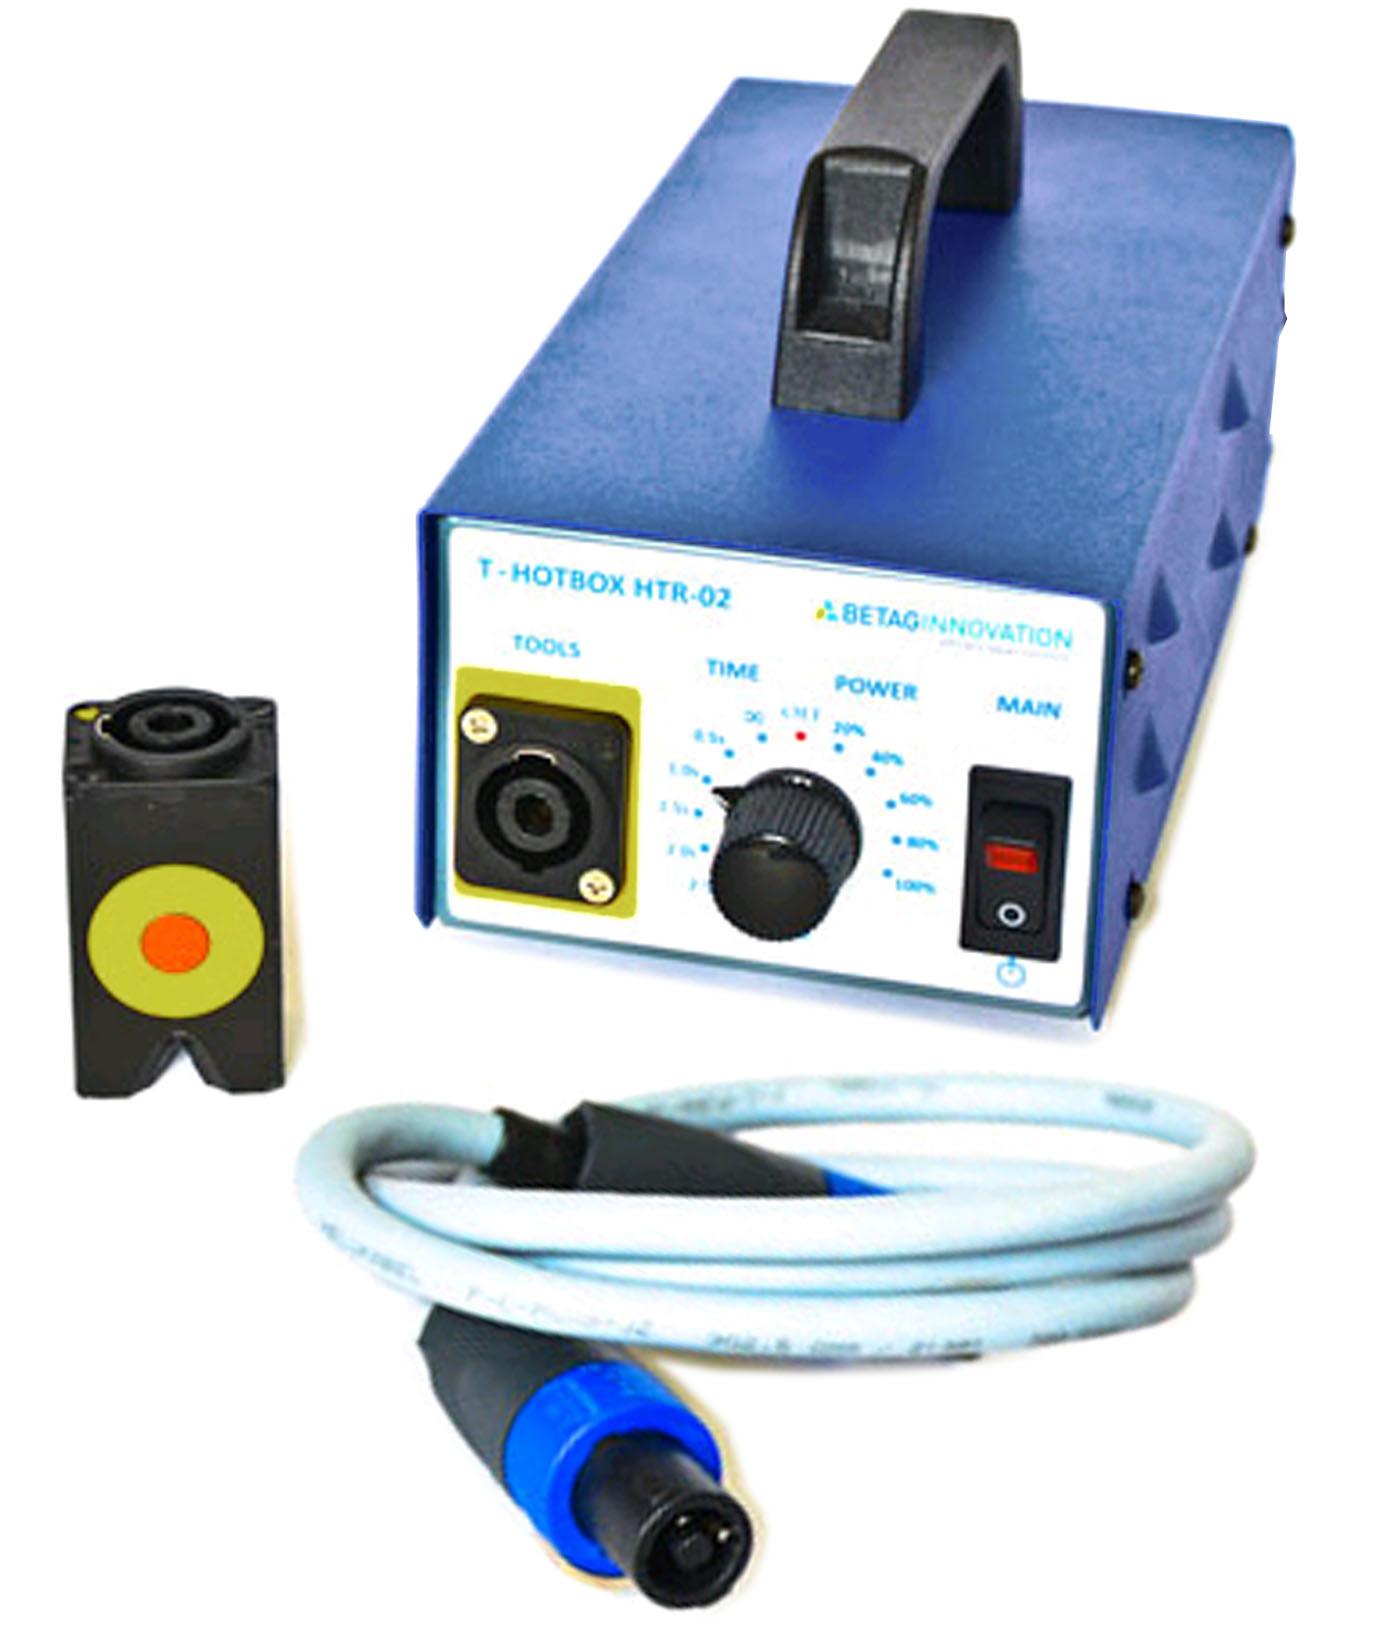 Inductor magnético TSD T-HOT BOX para calentar la chapa de la carrocería